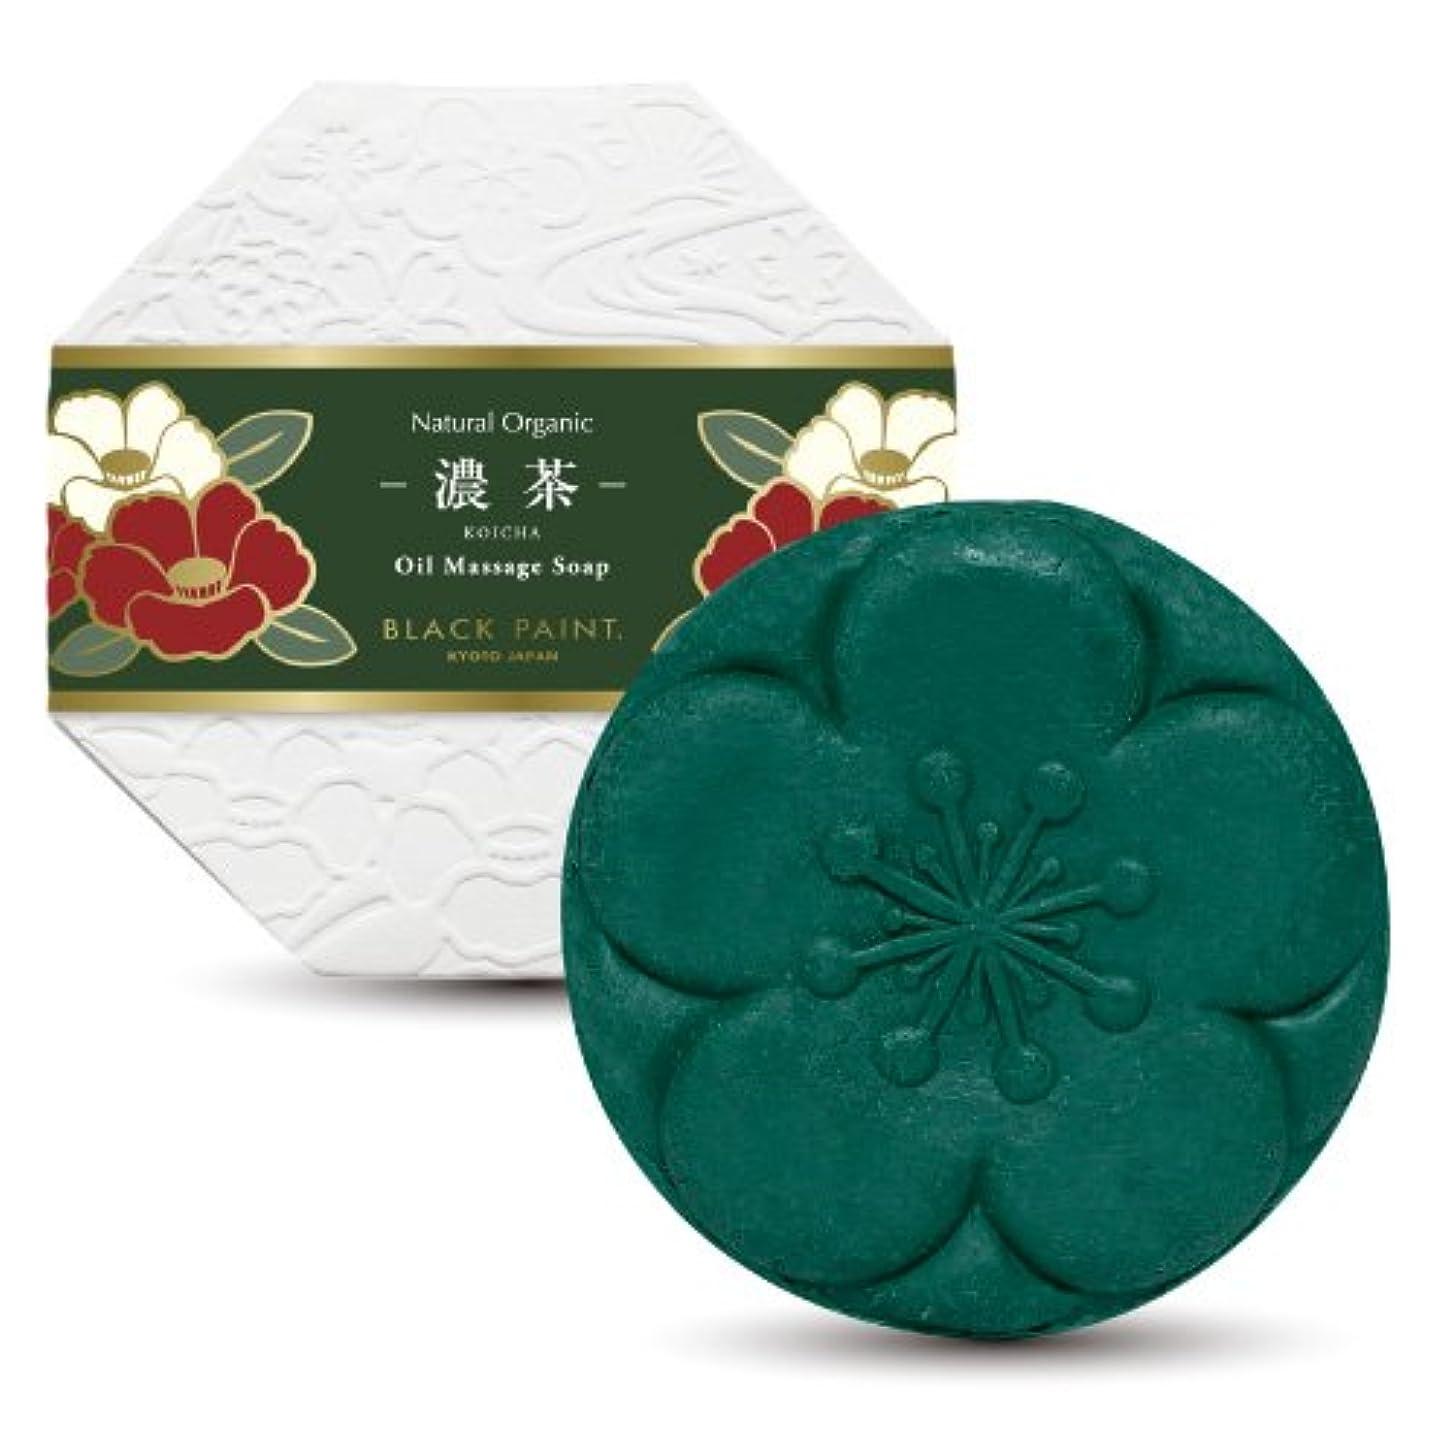 ヒューム時間とともに正確さ京のお茶石鹸 濃茶 120g 塗る石鹸